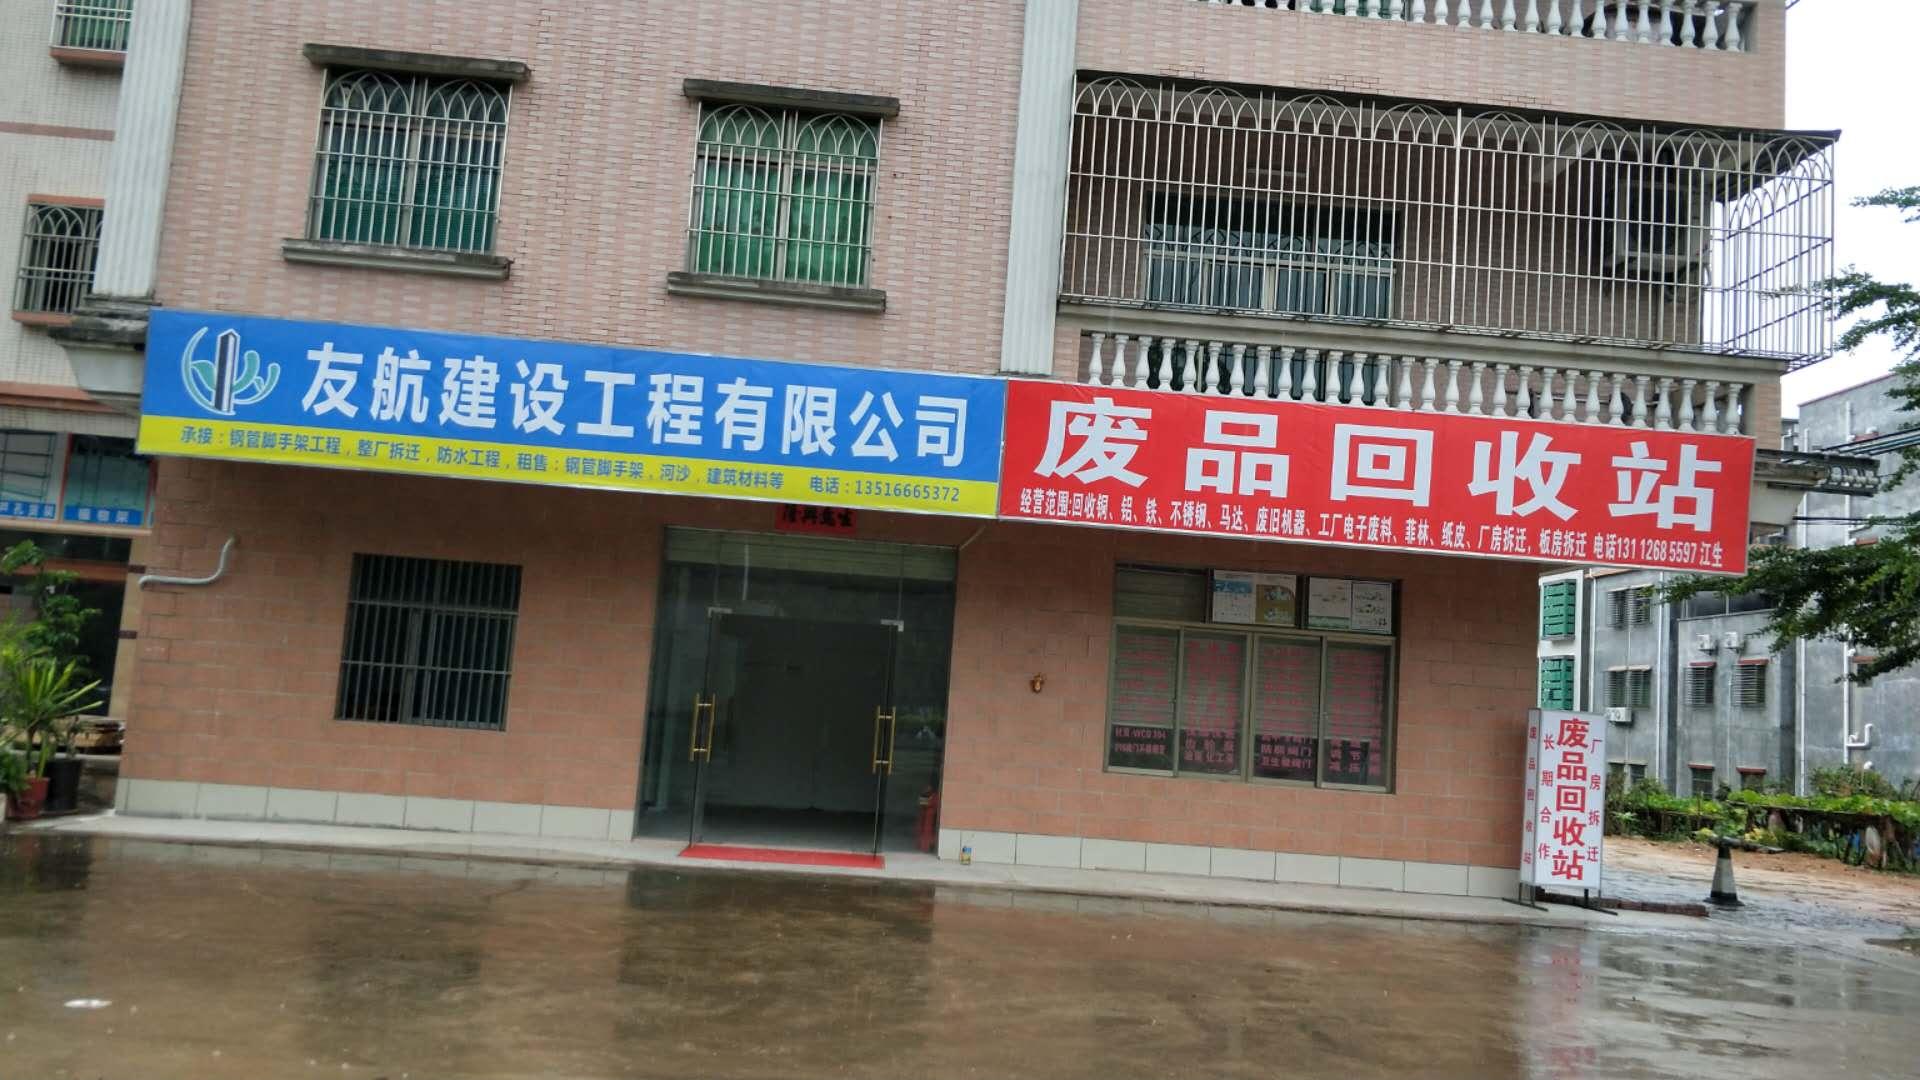 廣東友航建設工程有限公司